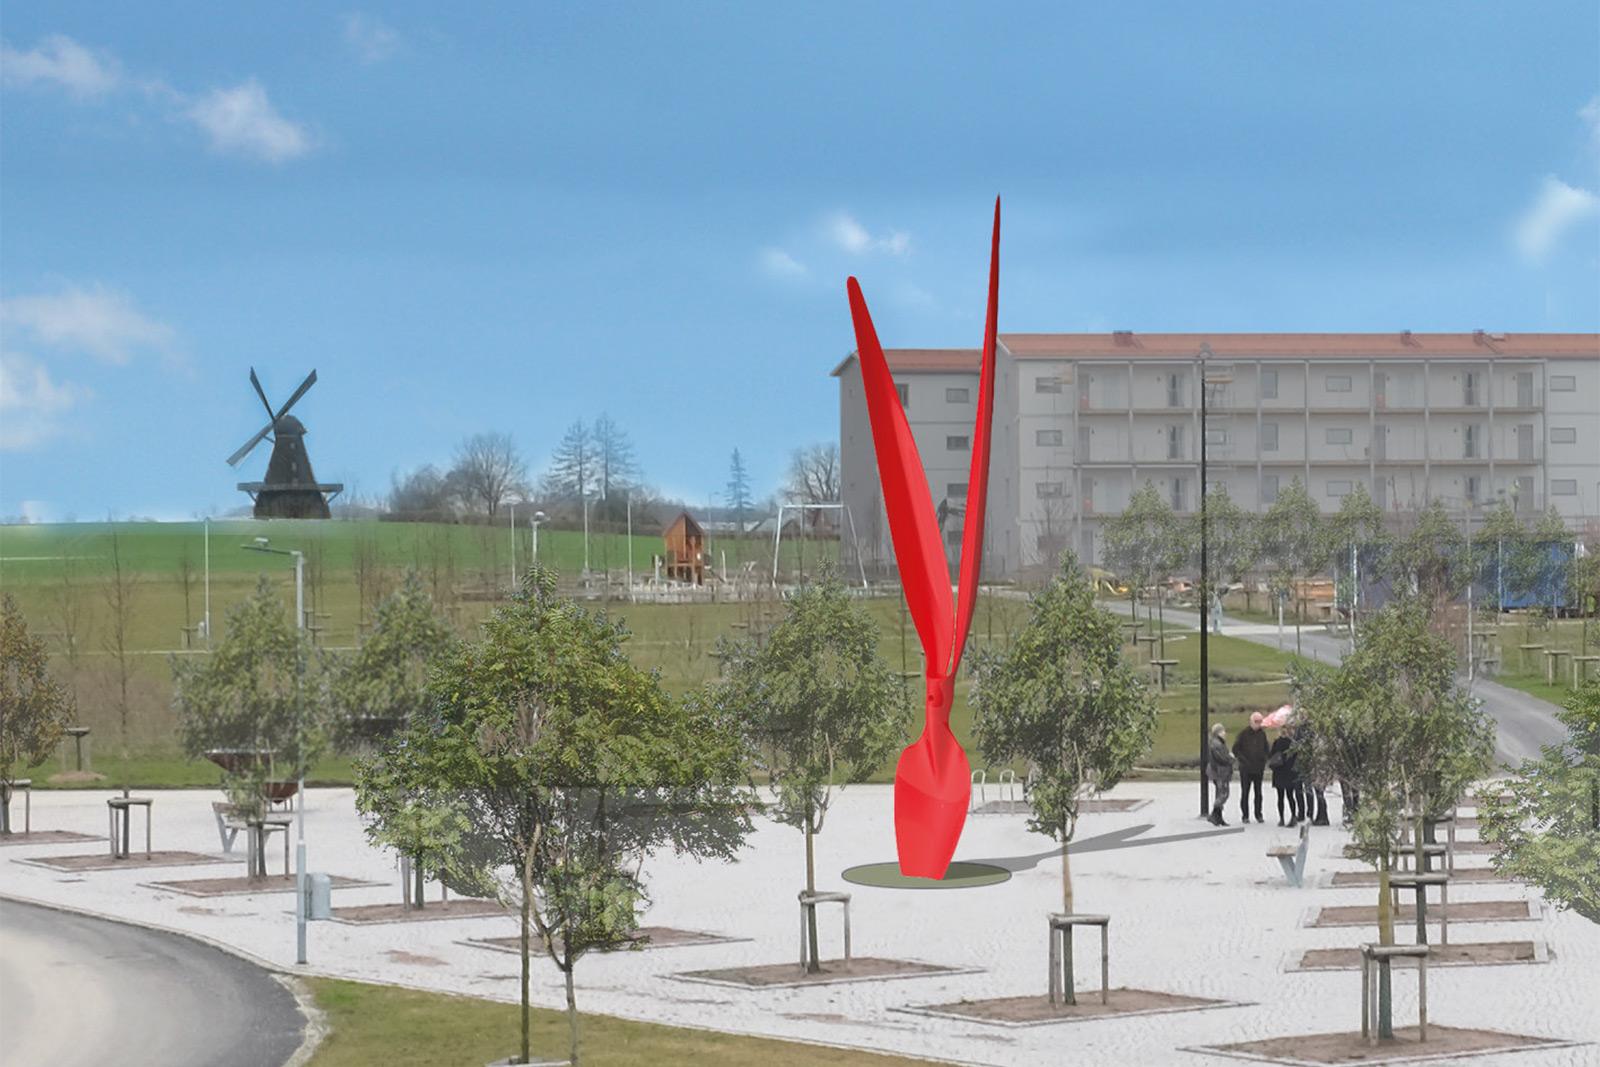 spatenstich-wohngebiet-hybride skulptur